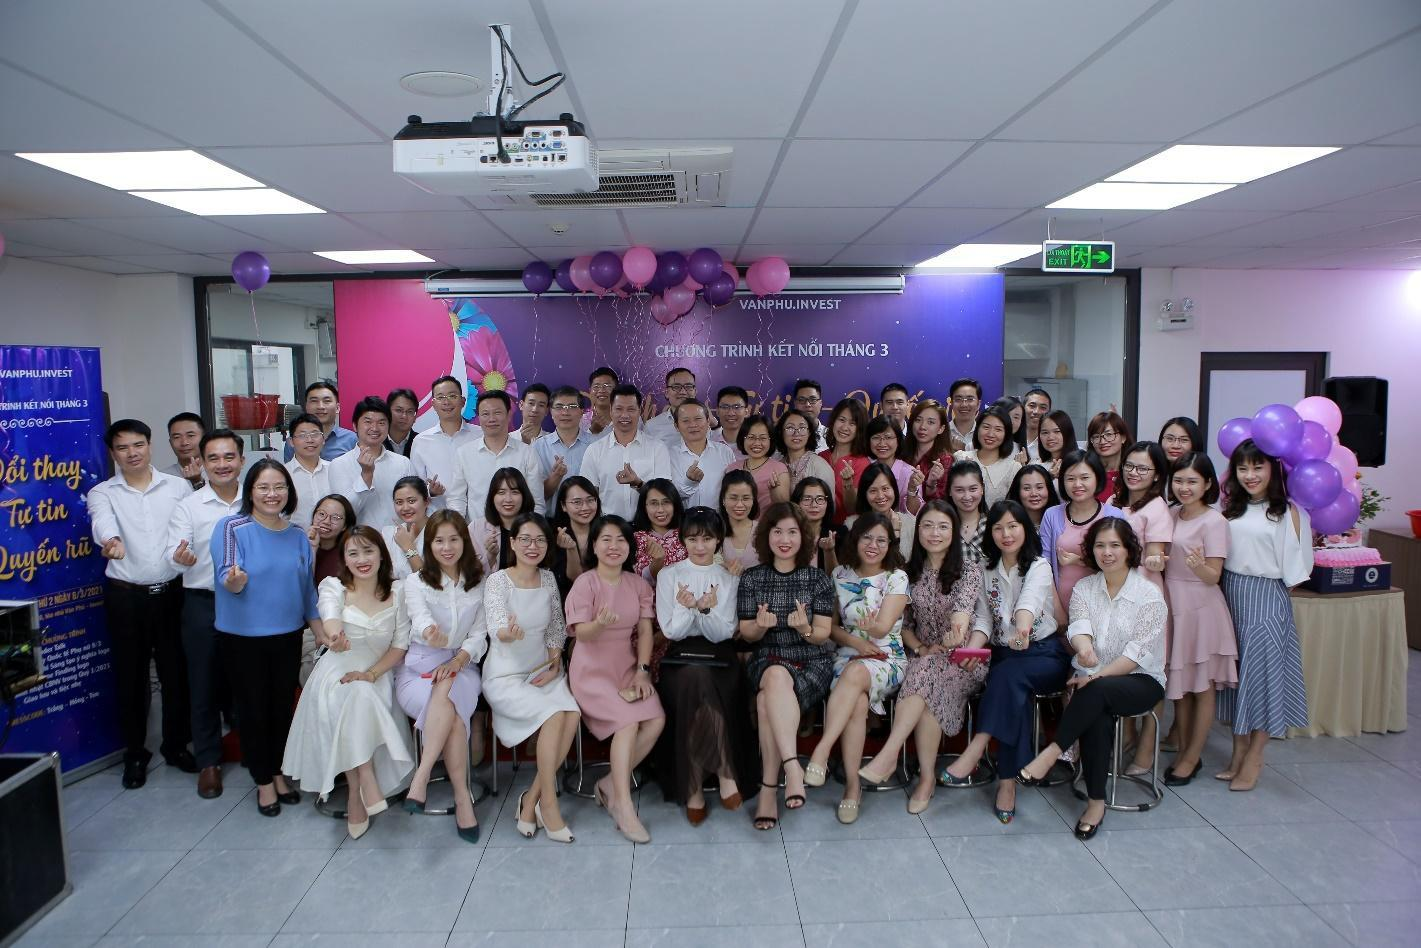 """Văn Phú – Invest được vinh danh giải thưởng """"Nơi làm việc tốt nhất châu Á"""" ngay trong lần đầu tham dự - ảnh 2"""